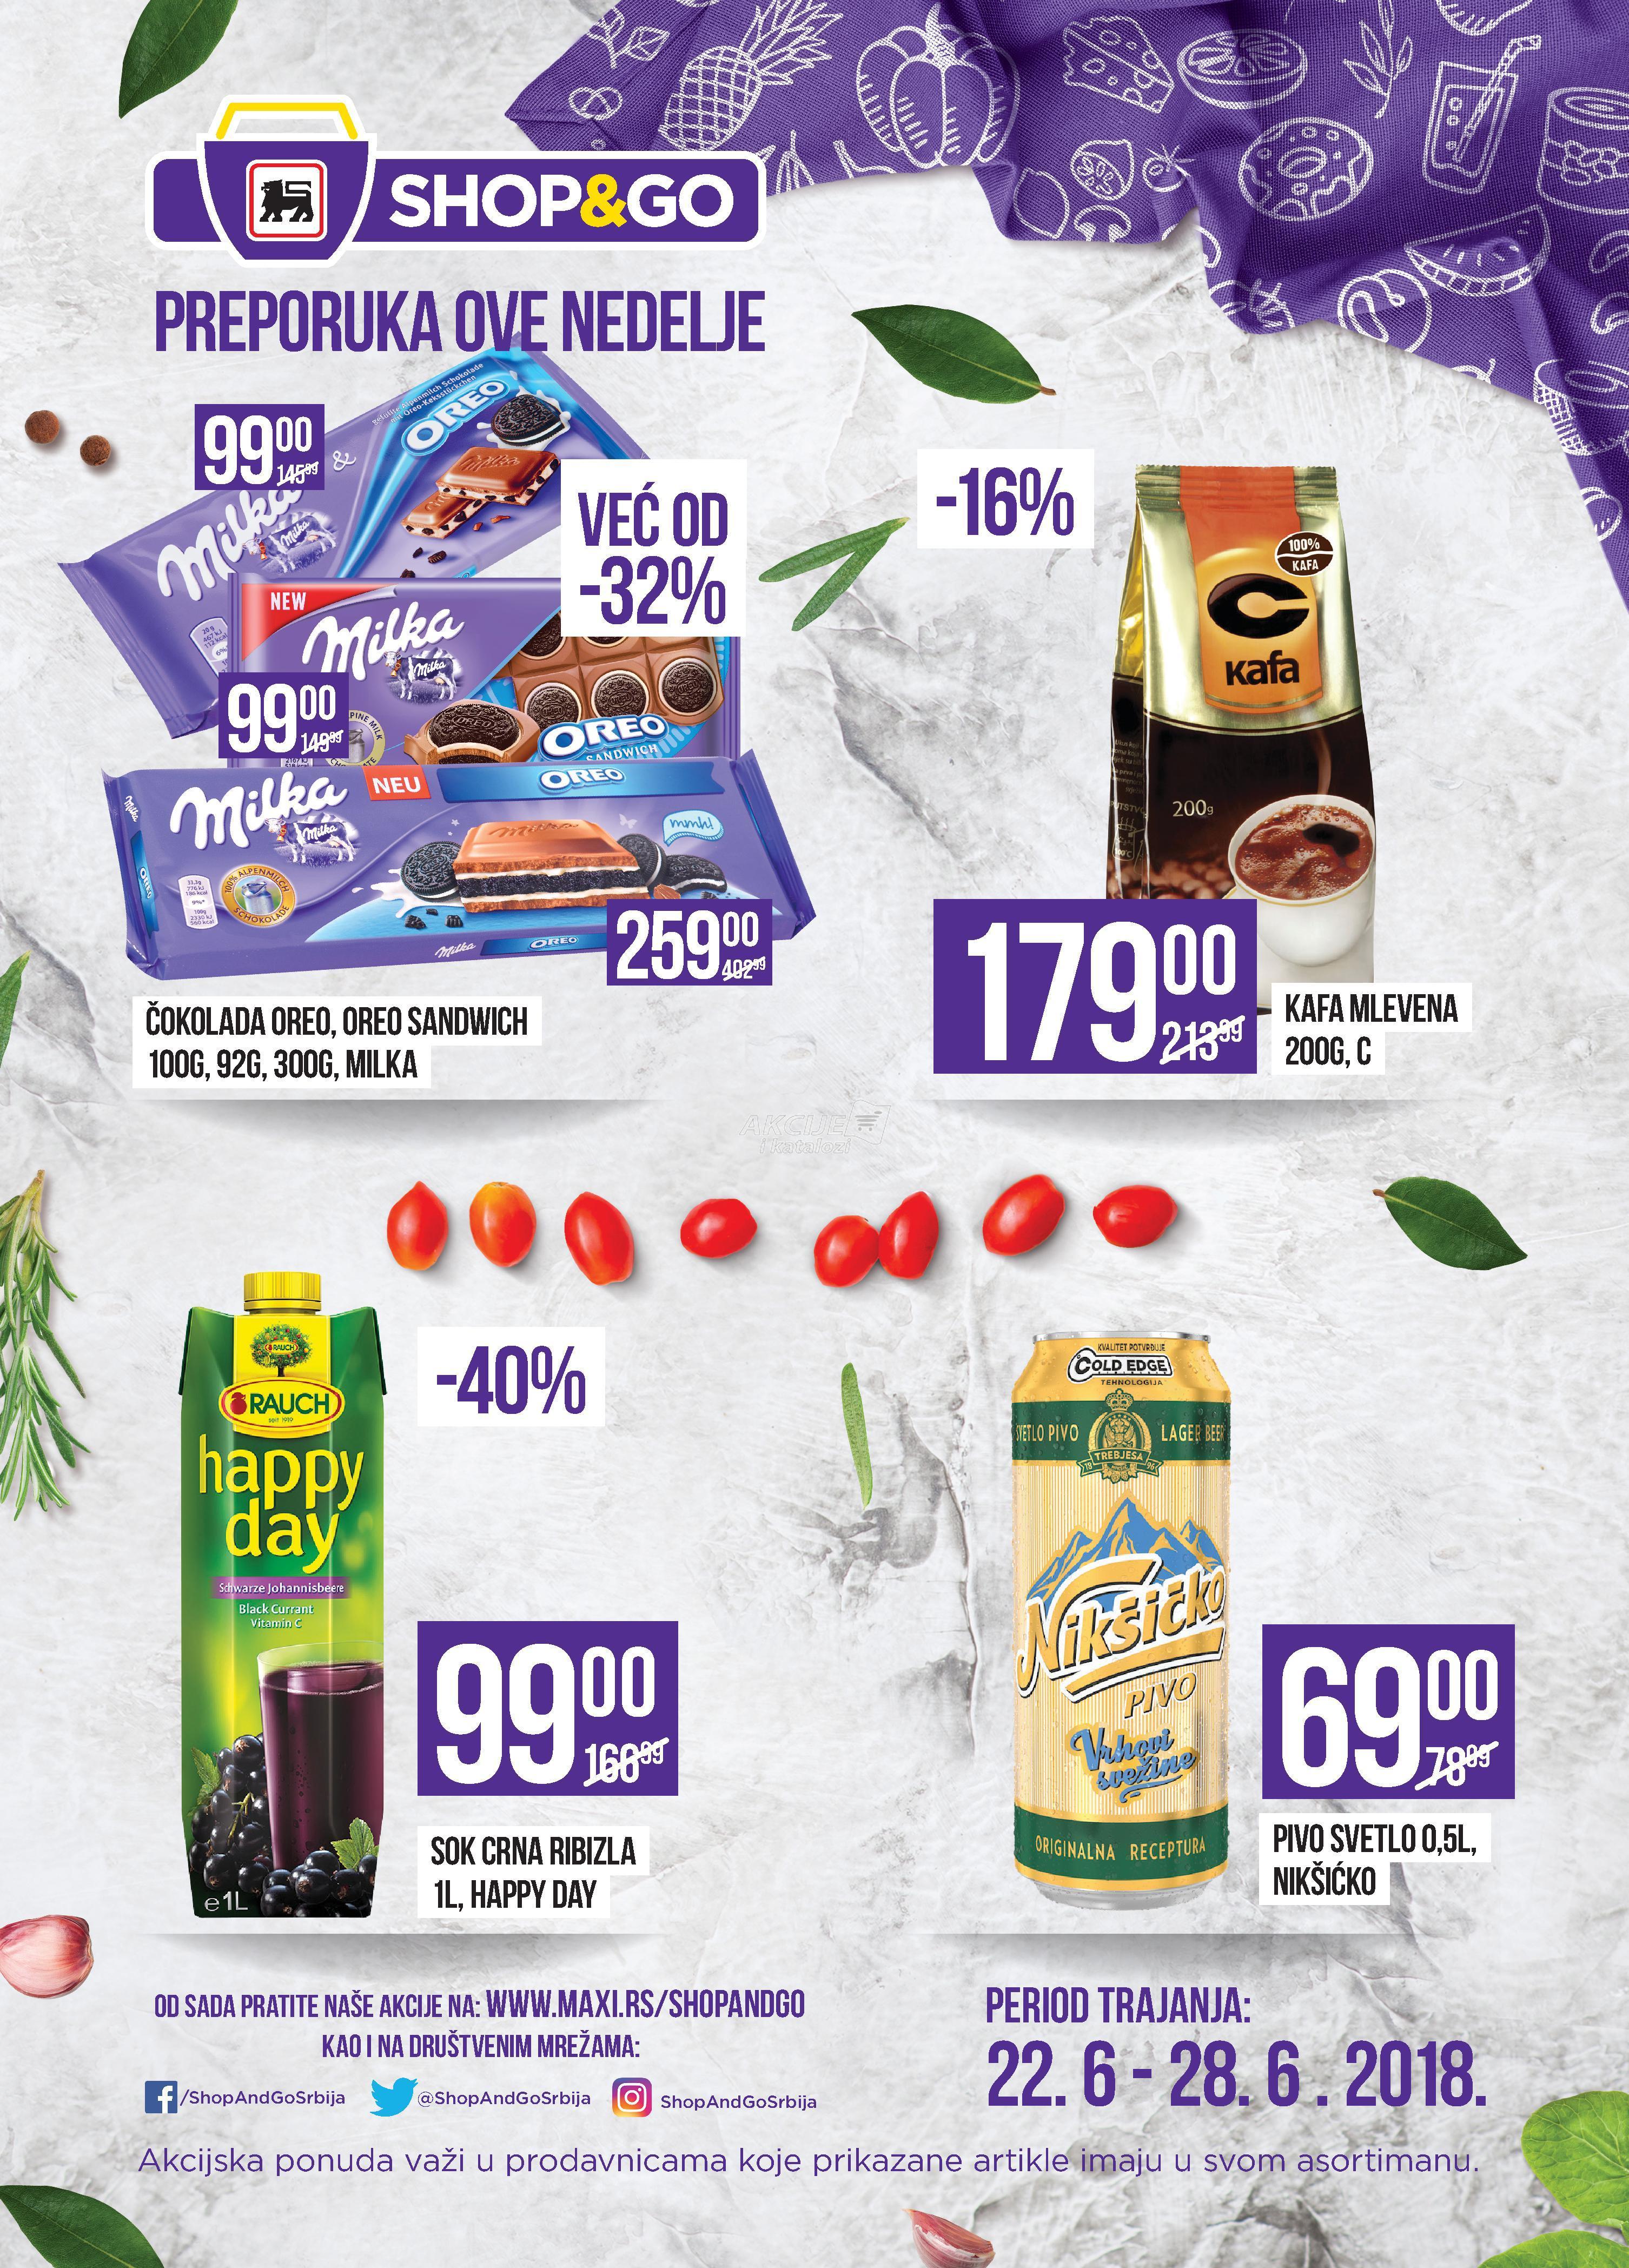 Shop&go akcija nedeljne kupovine